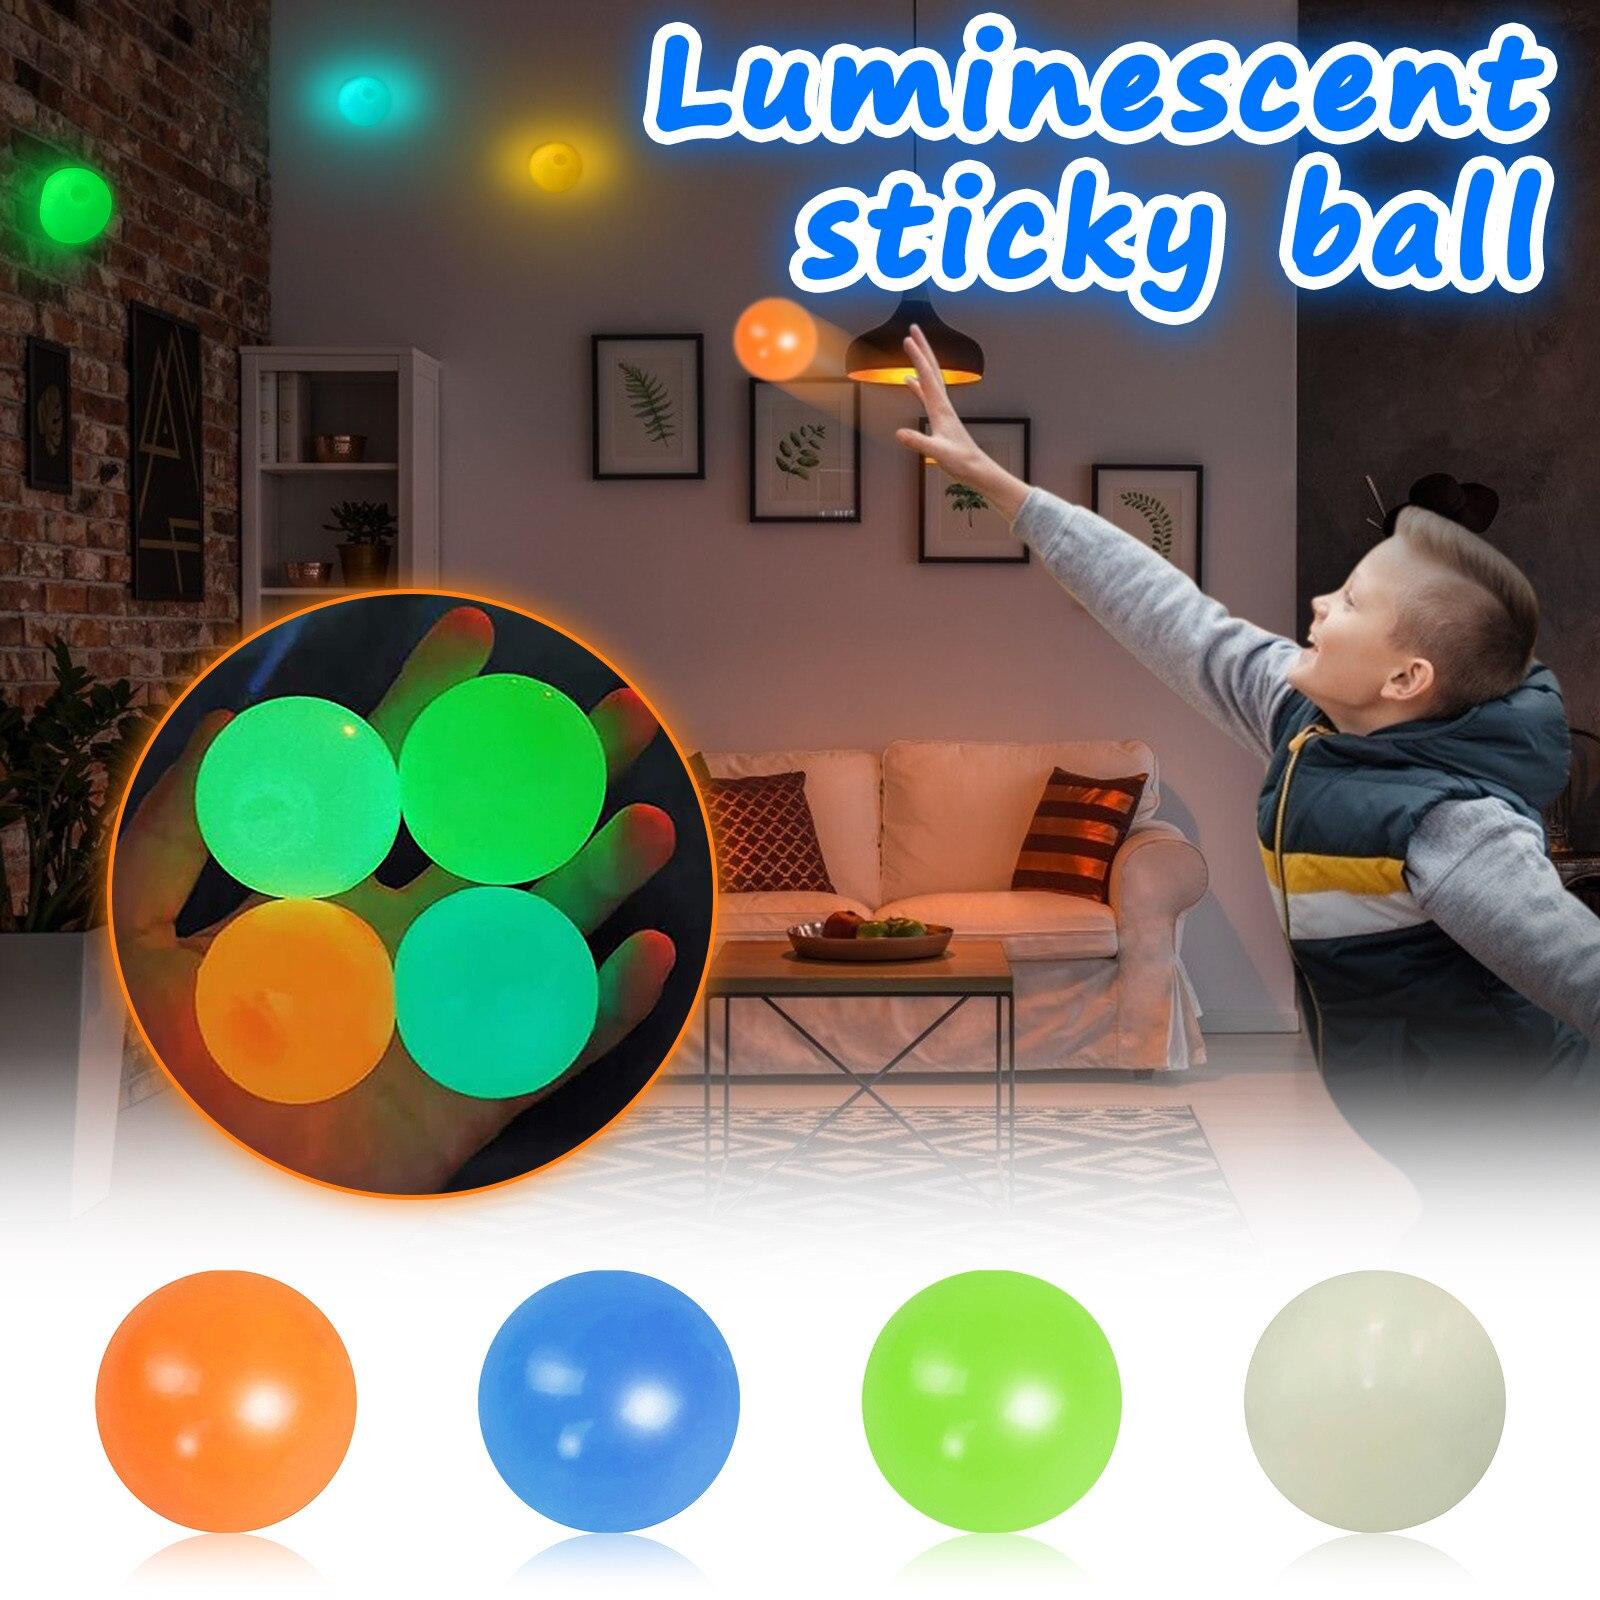 Палка настенная мяч для снятия стресса игрушки липкий сквош мяч глобусы декомпрессионная игрушка липкий мишень мяч поймать бросить мяч дет...